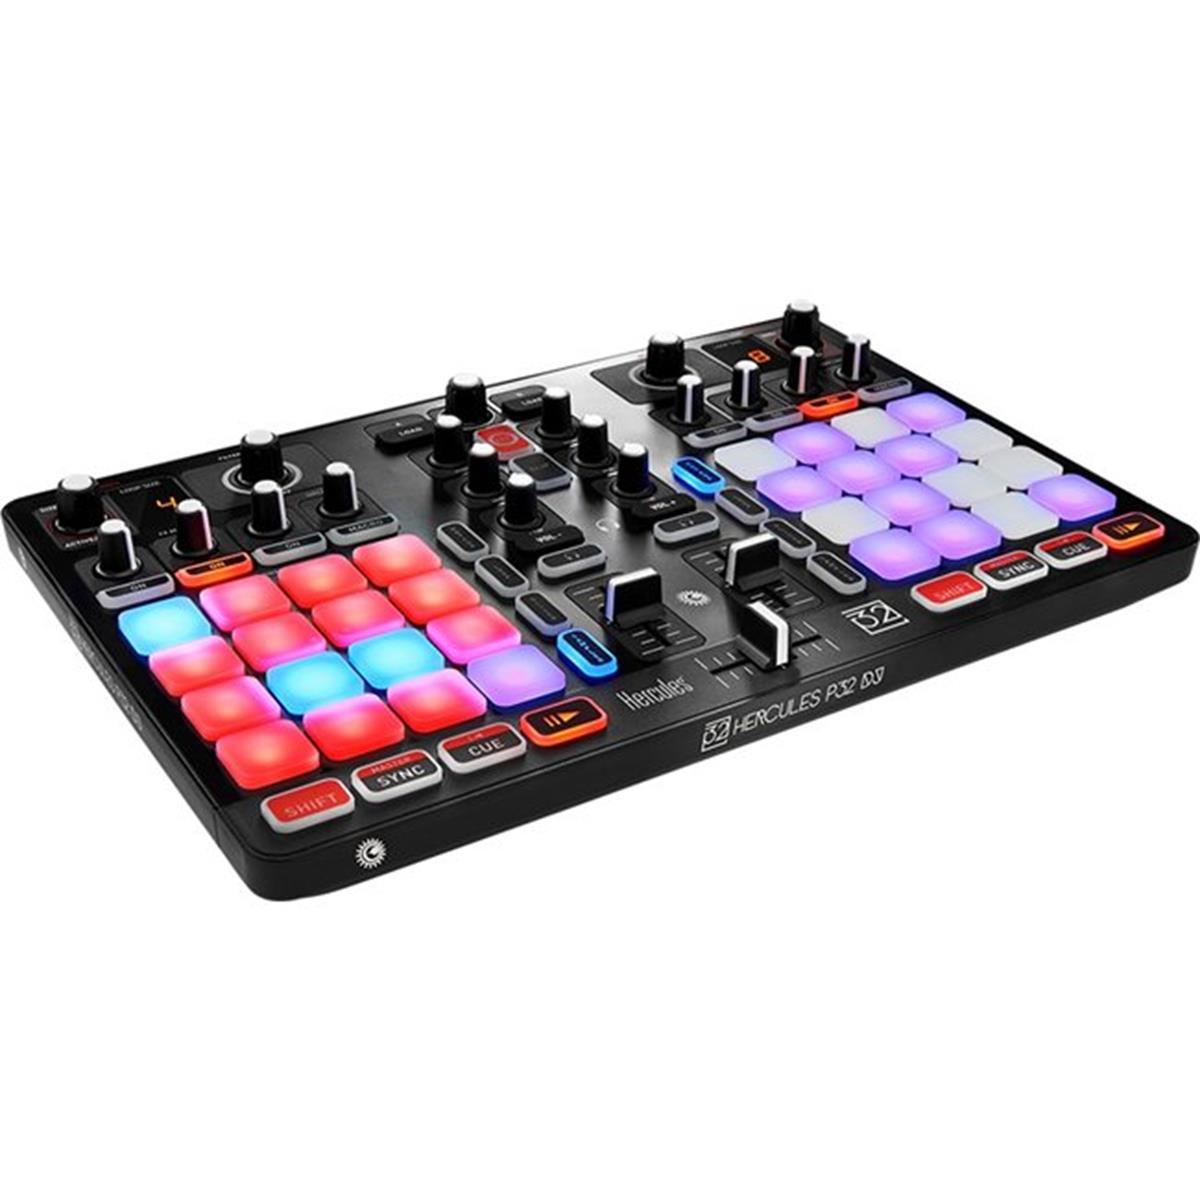 HERCULES P32 DJ CONTROLLER MIDI USB